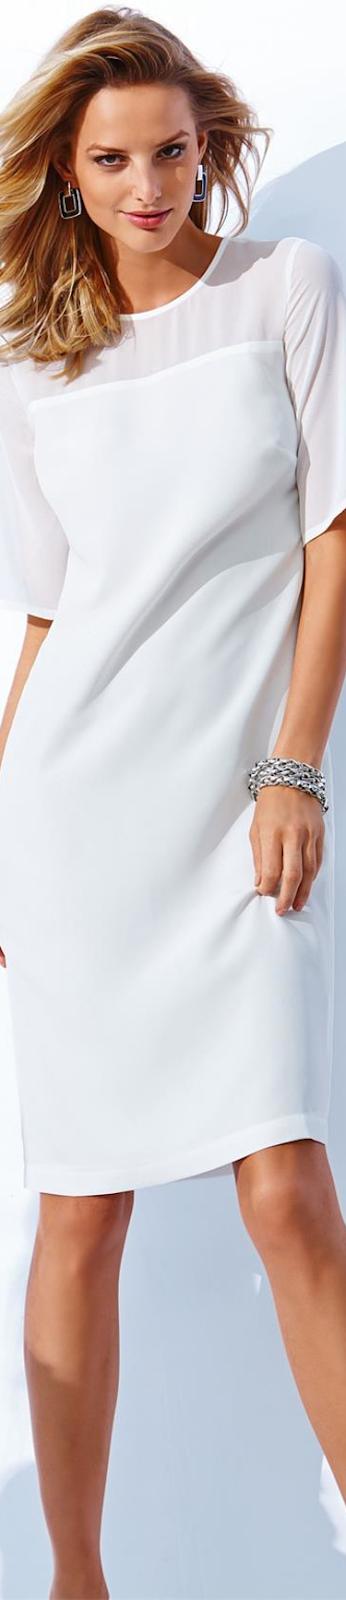 MADELEINE  DRESS IN WHITE